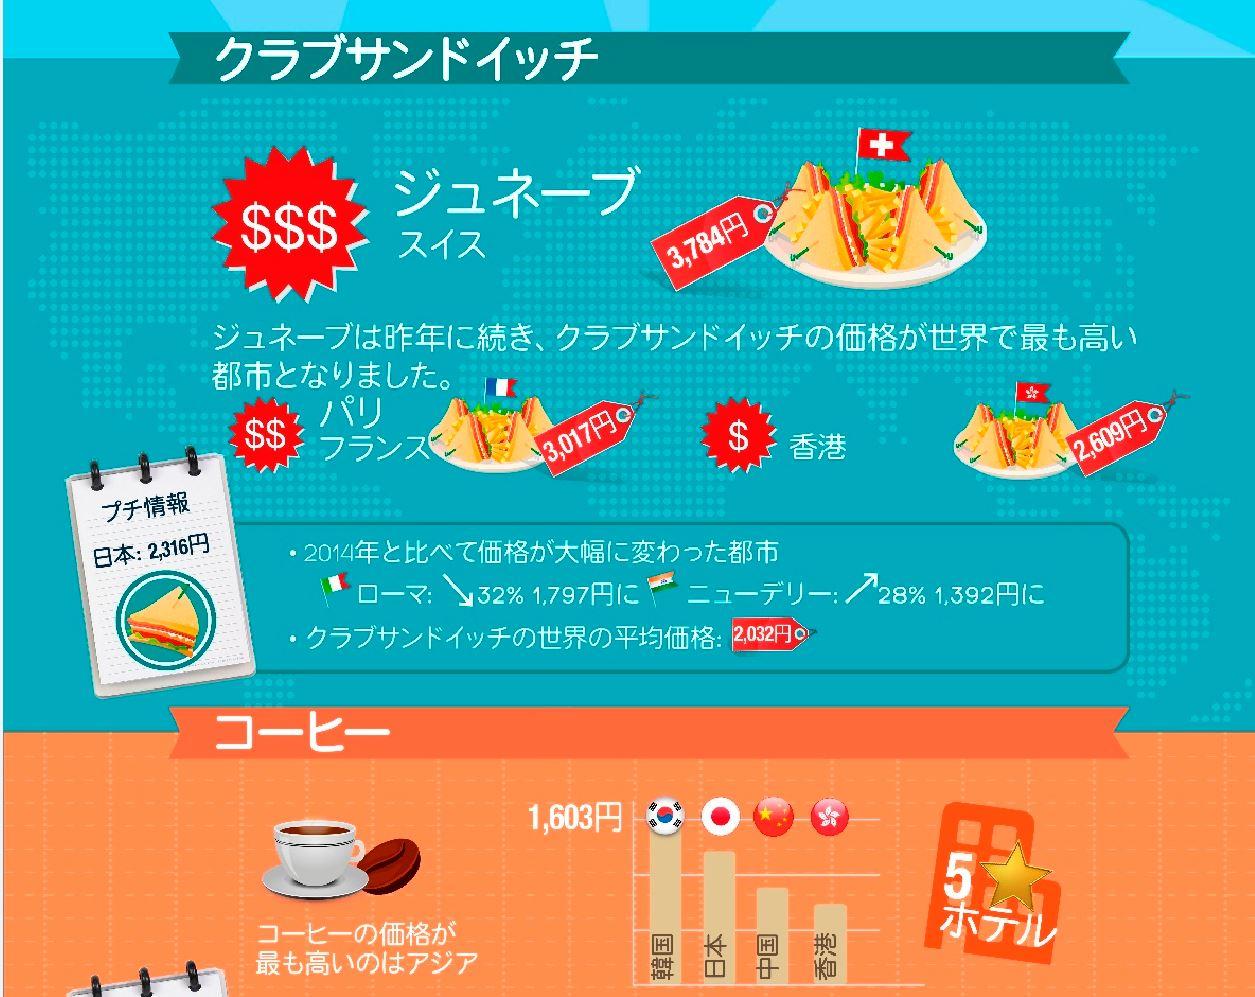 世界のホテル食事代をサンドイッチで比較、世界一高いのはスイス・ジュネーブ、東京は8位 -Hotels.com調べ